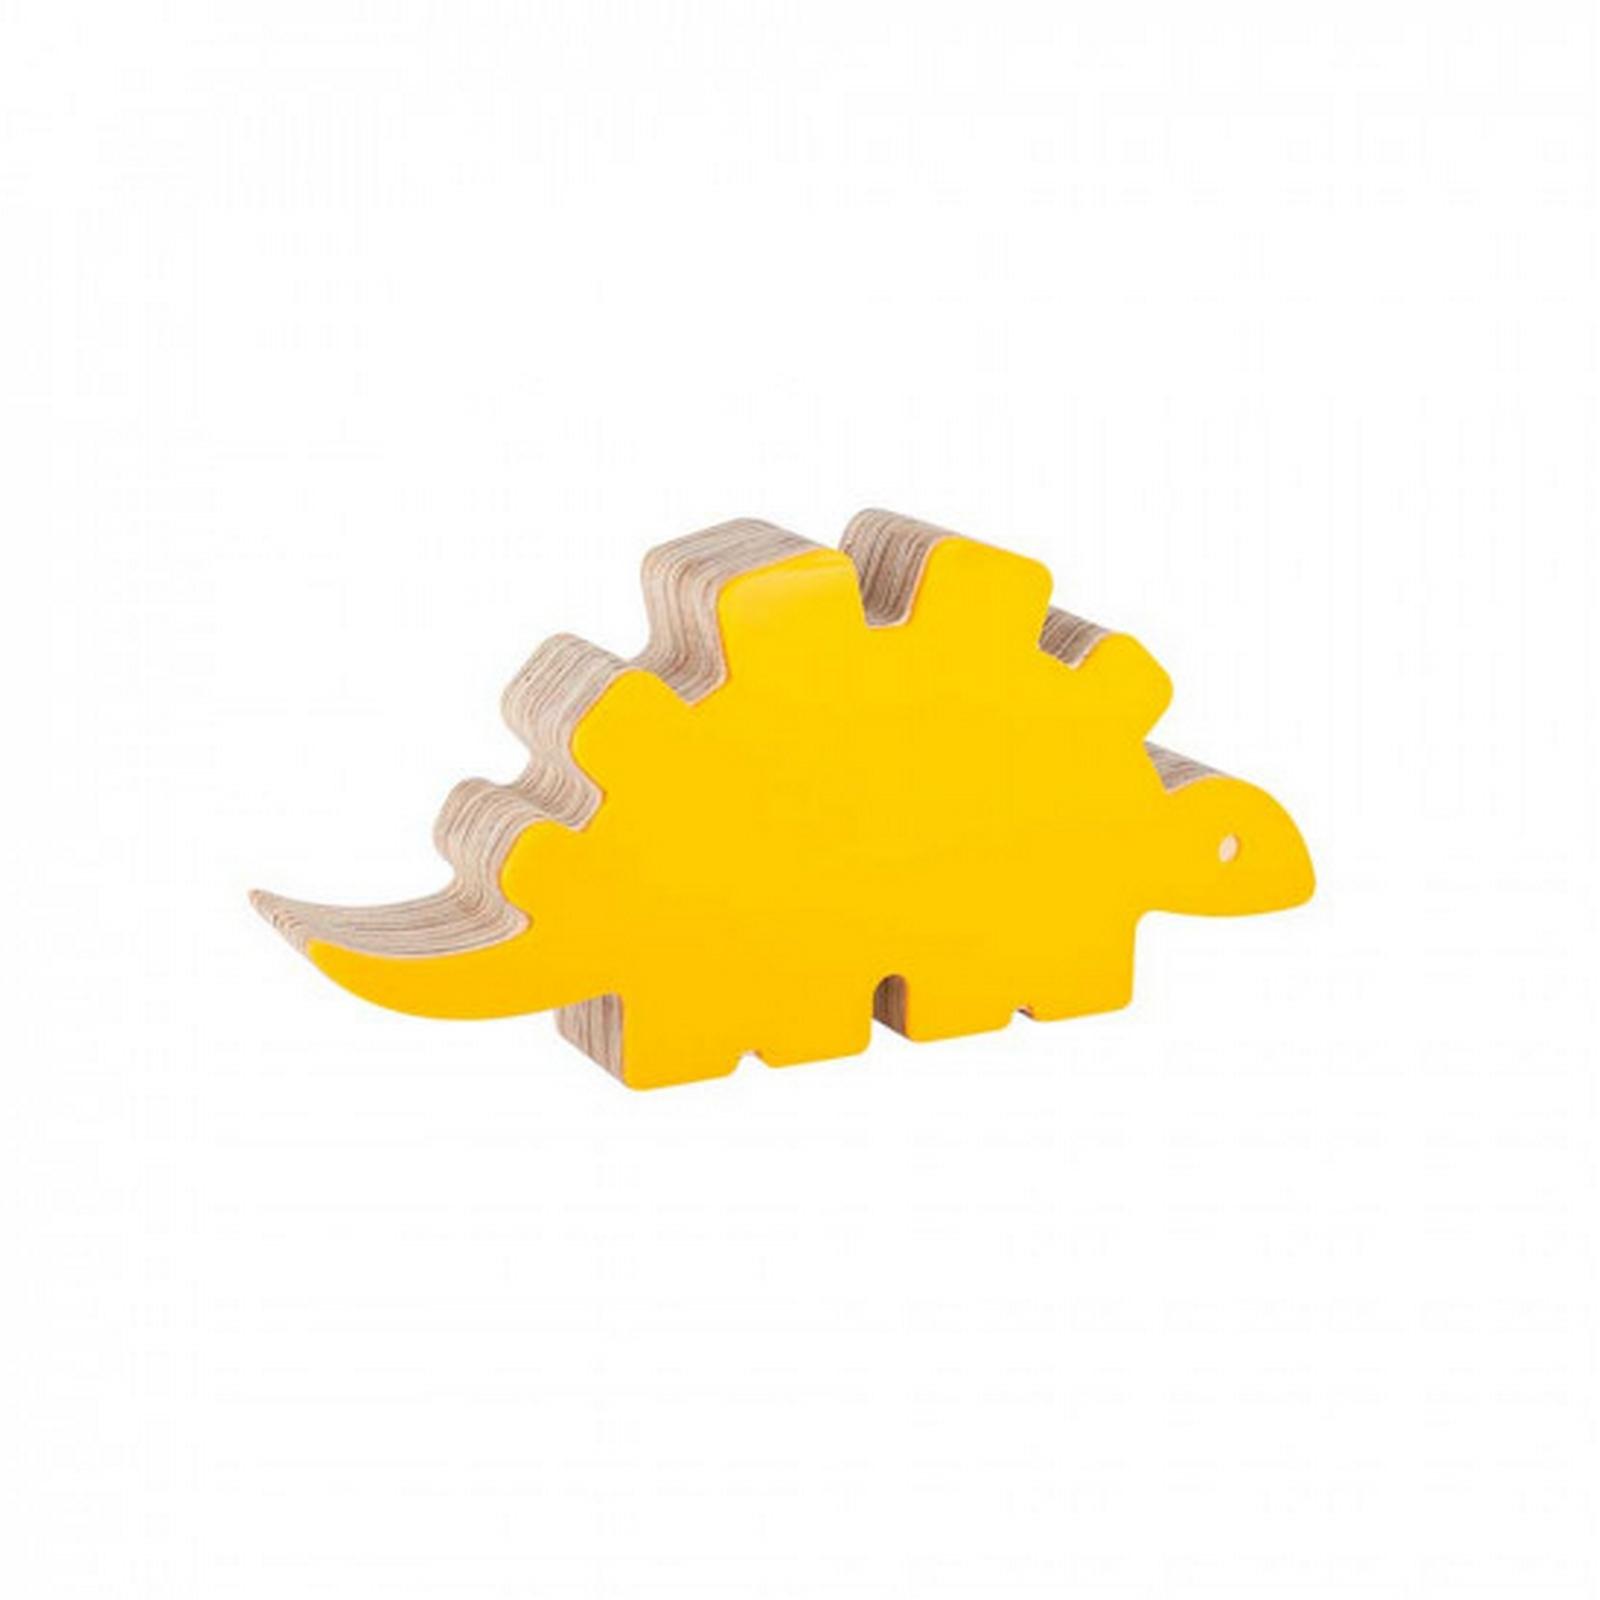 Adorno Acrilido Dinossauro I Amarelo